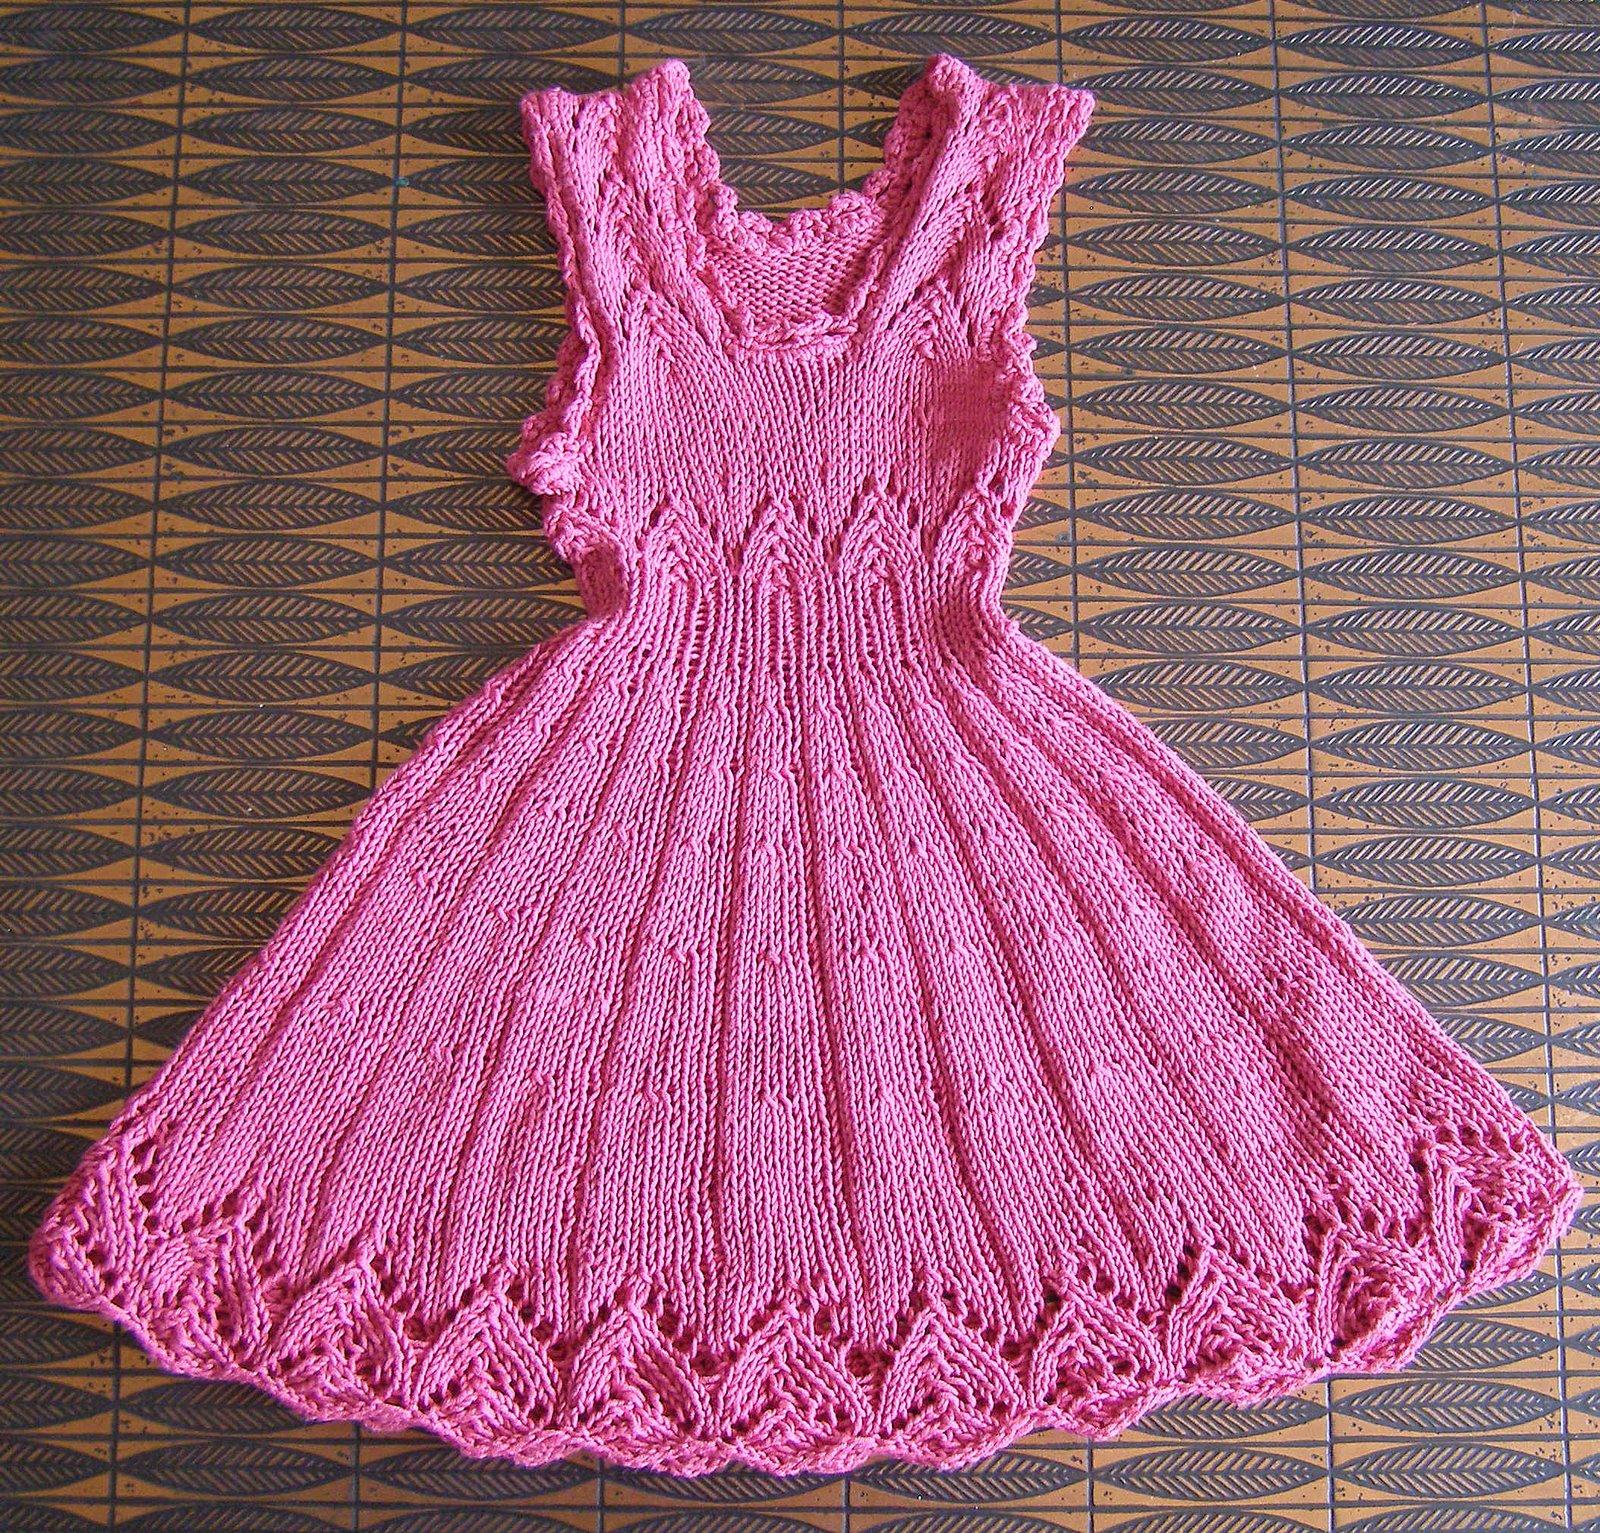 Free Knitting Patterns For Girls Dresses : VERA E SUAS MANUALIDADES - Veraxangai: VESTIDO INFANTIL EM TRICO